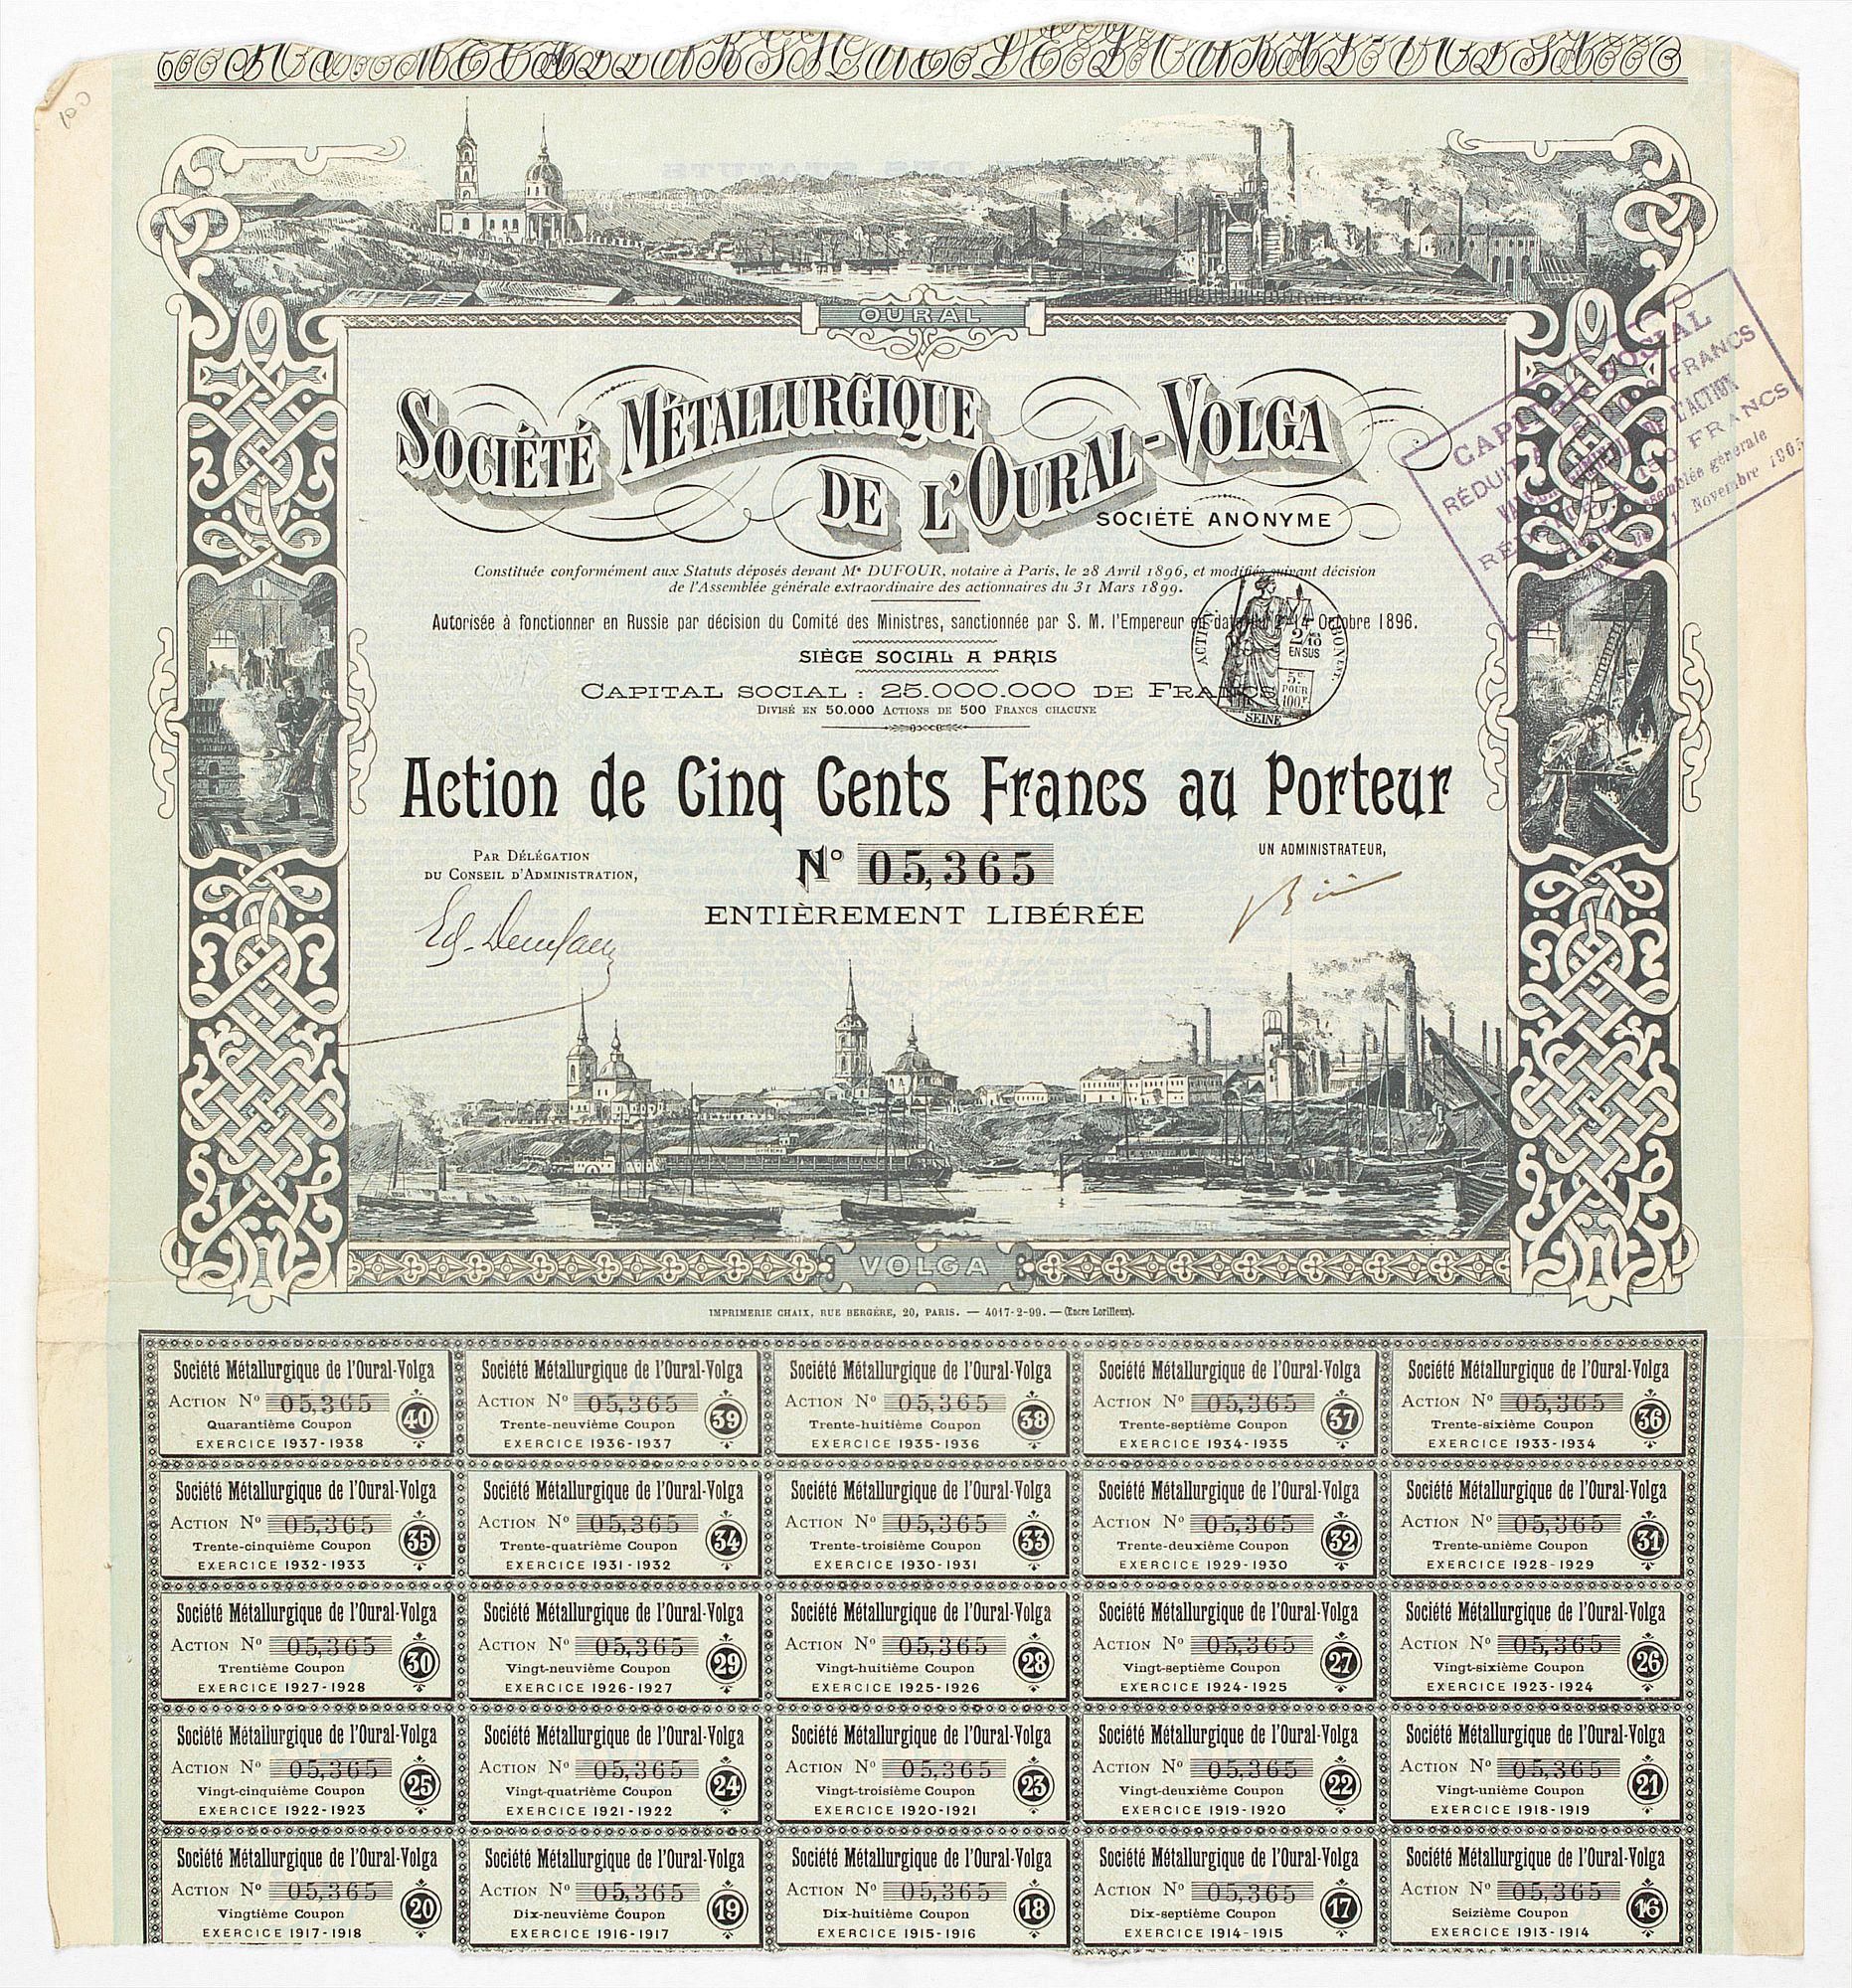 SOCIETE METALLURGIQUE DE L'OURAL-VOLGA -  Shares of 500 francs. # 05365